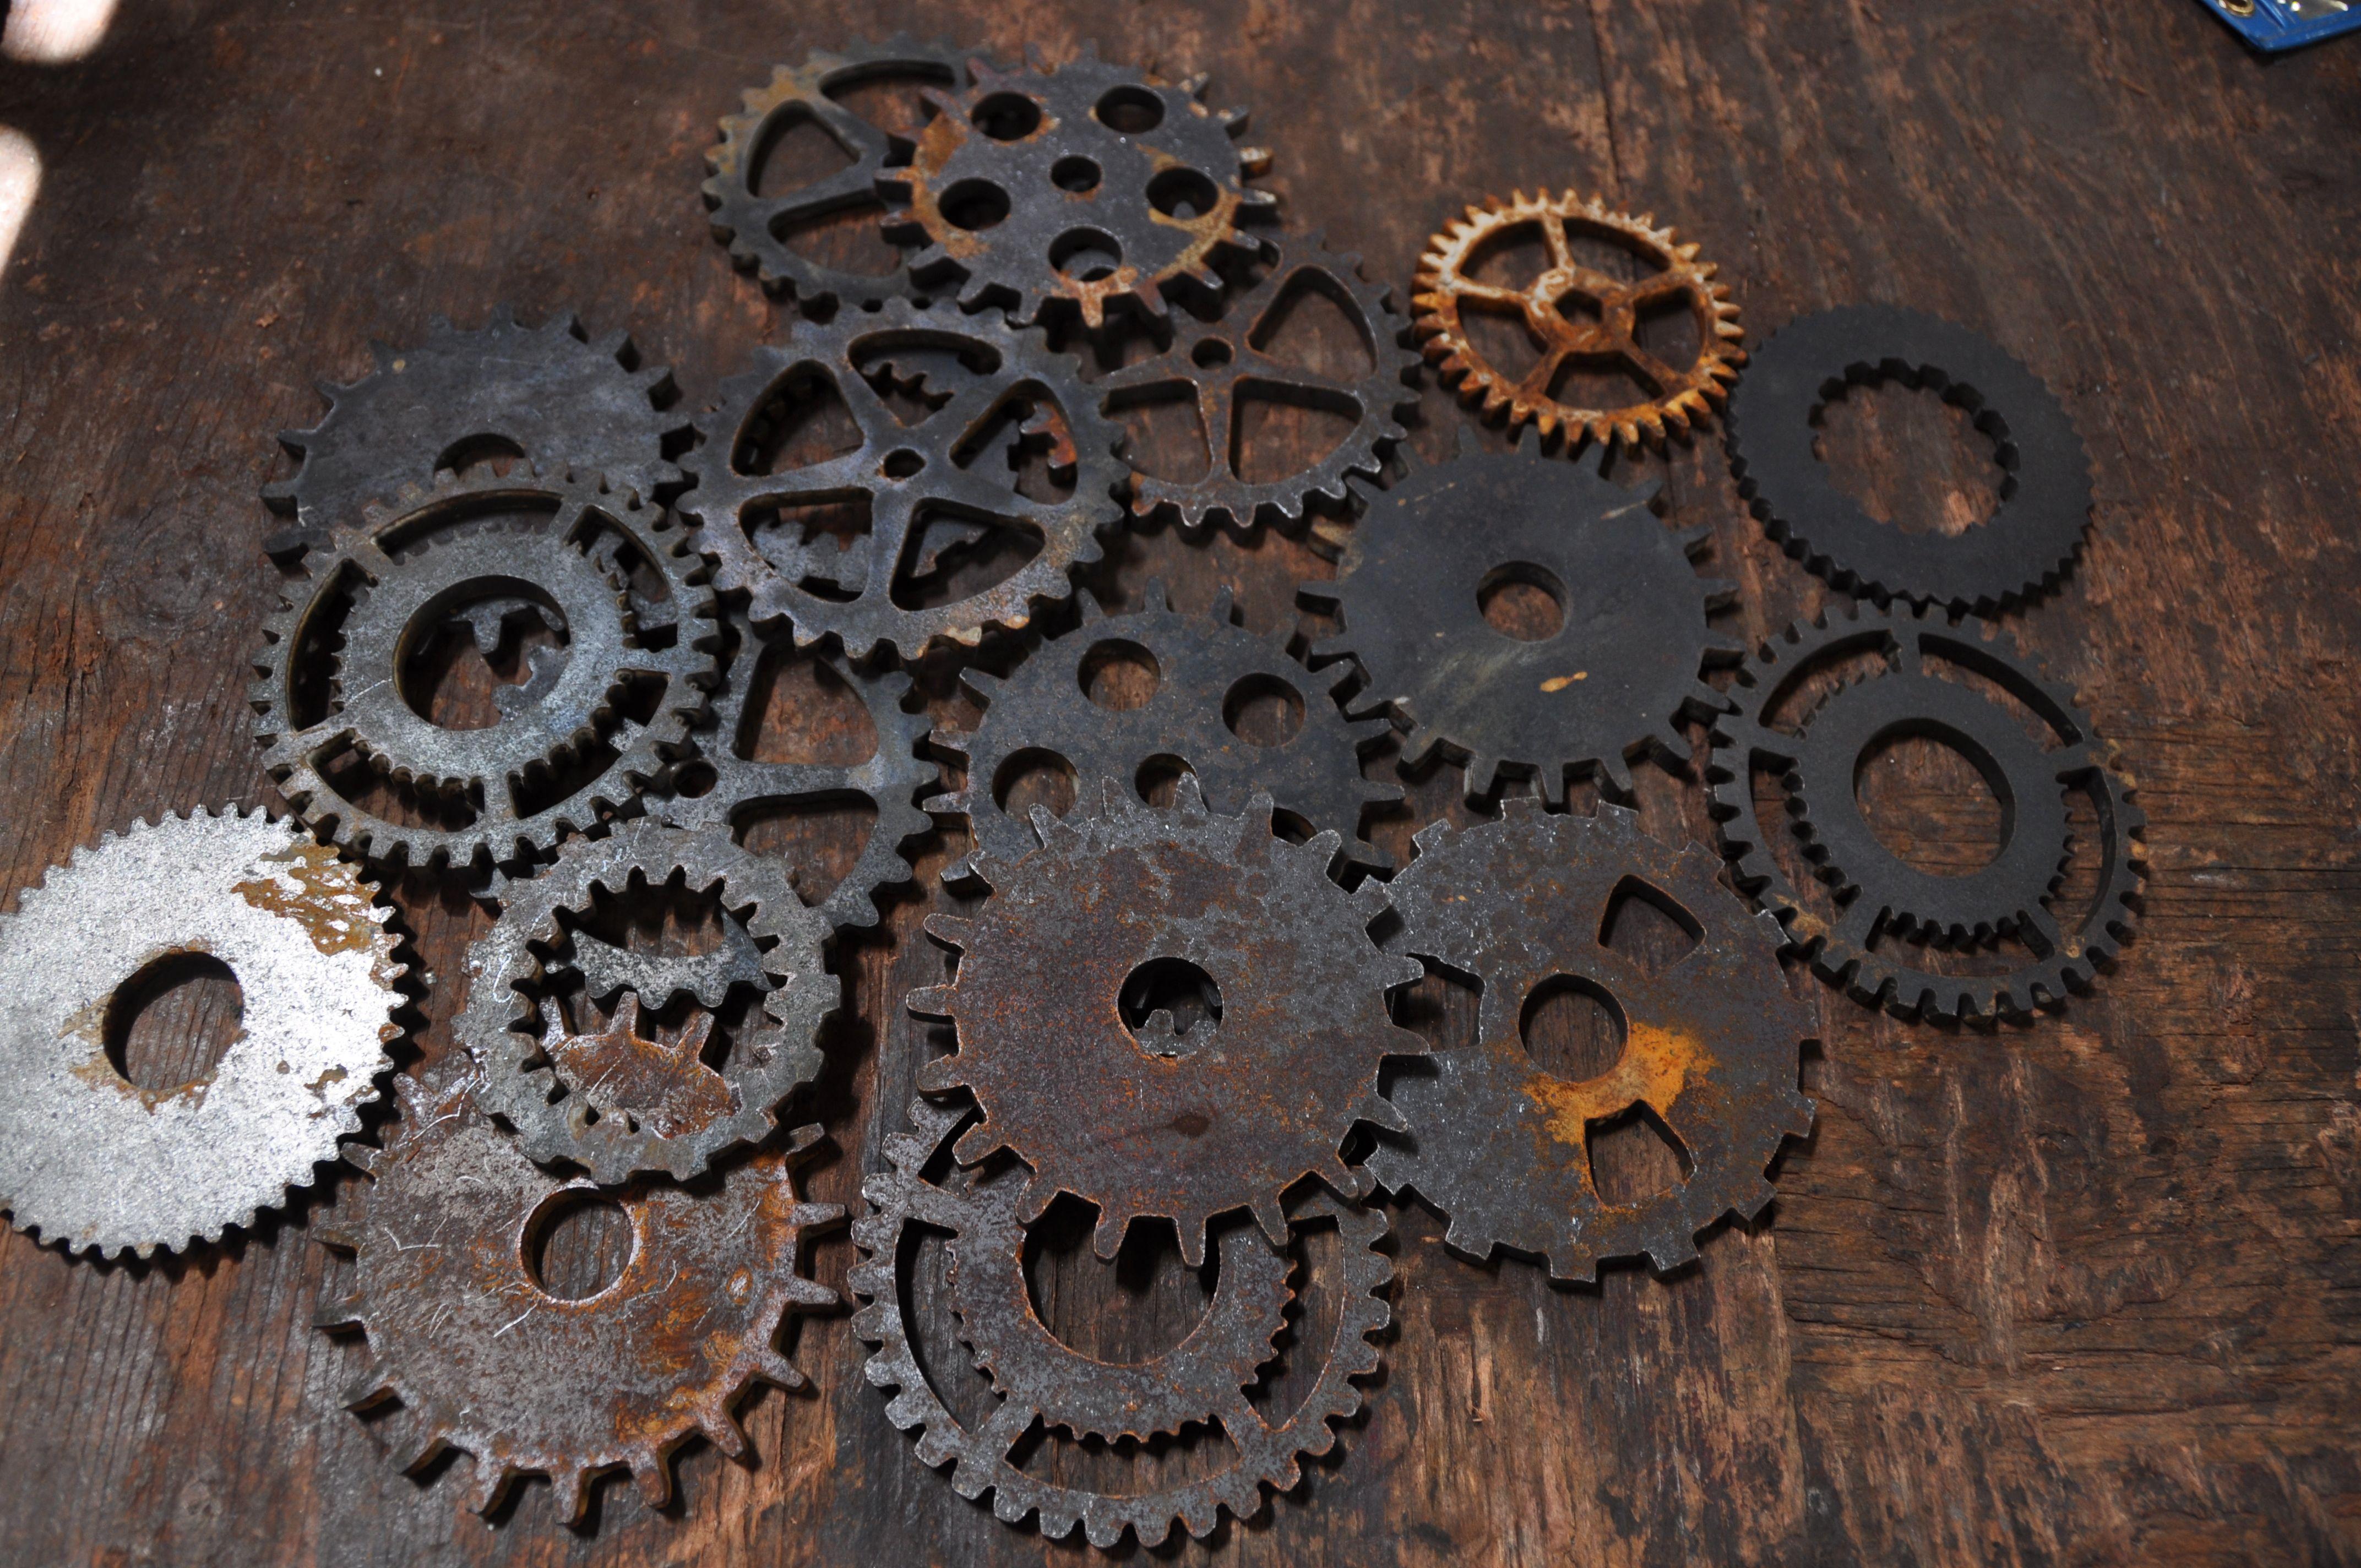 Vintage Industrial Gears